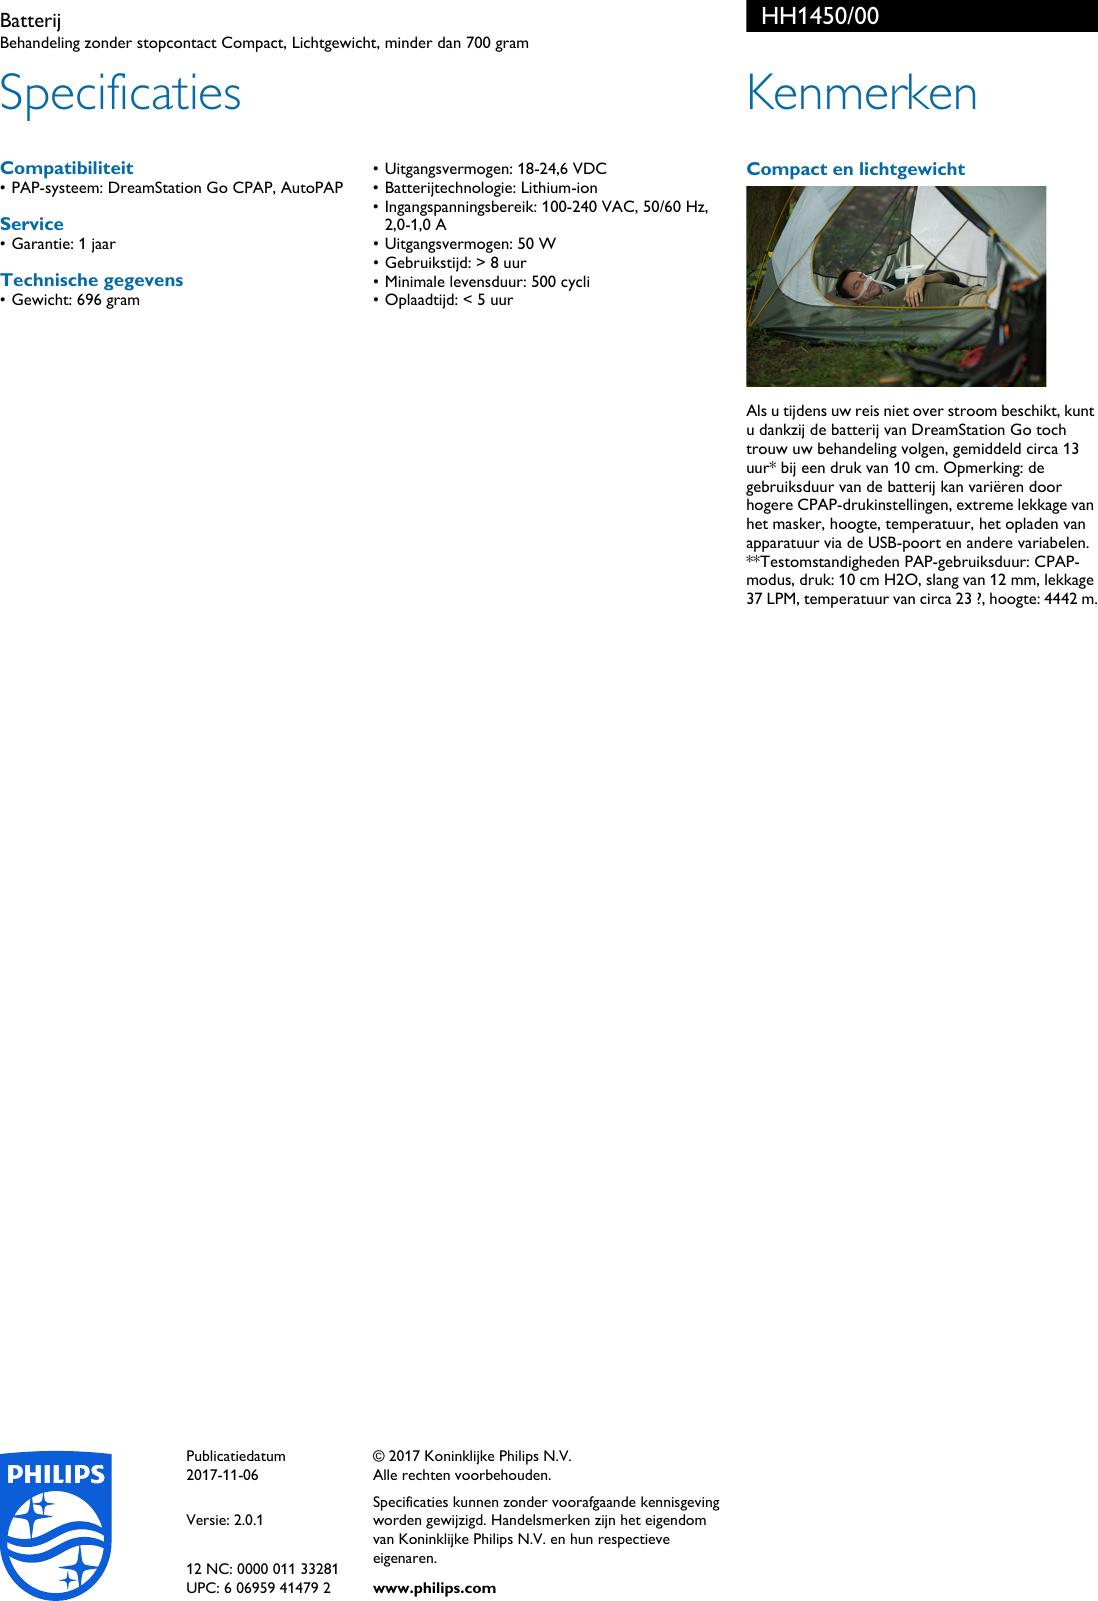 philips hh1450 00 batterij user manual brochure hh1450 00. Black Bedroom Furniture Sets. Home Design Ideas